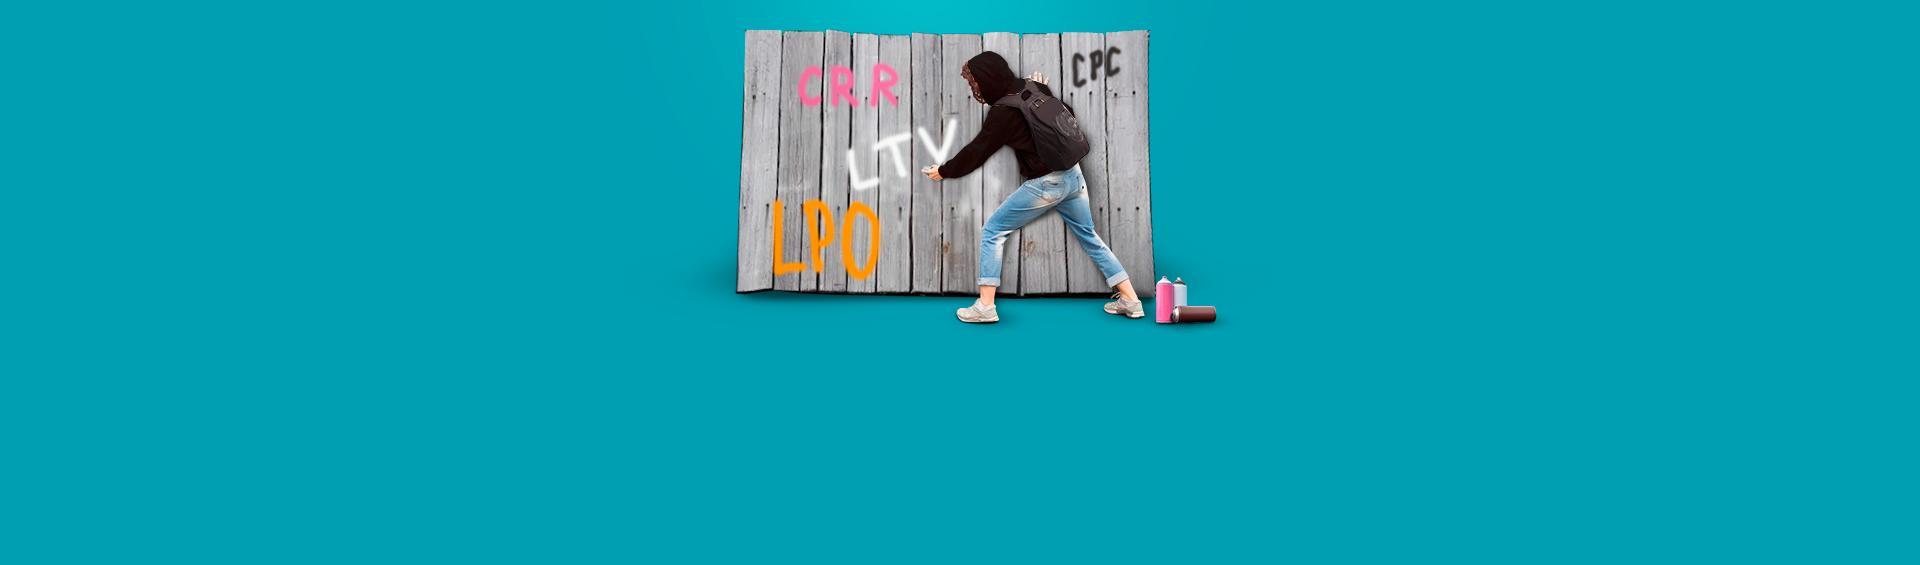 ROI, CTR, LTV… Авы знаете главные показатели маркетинга?